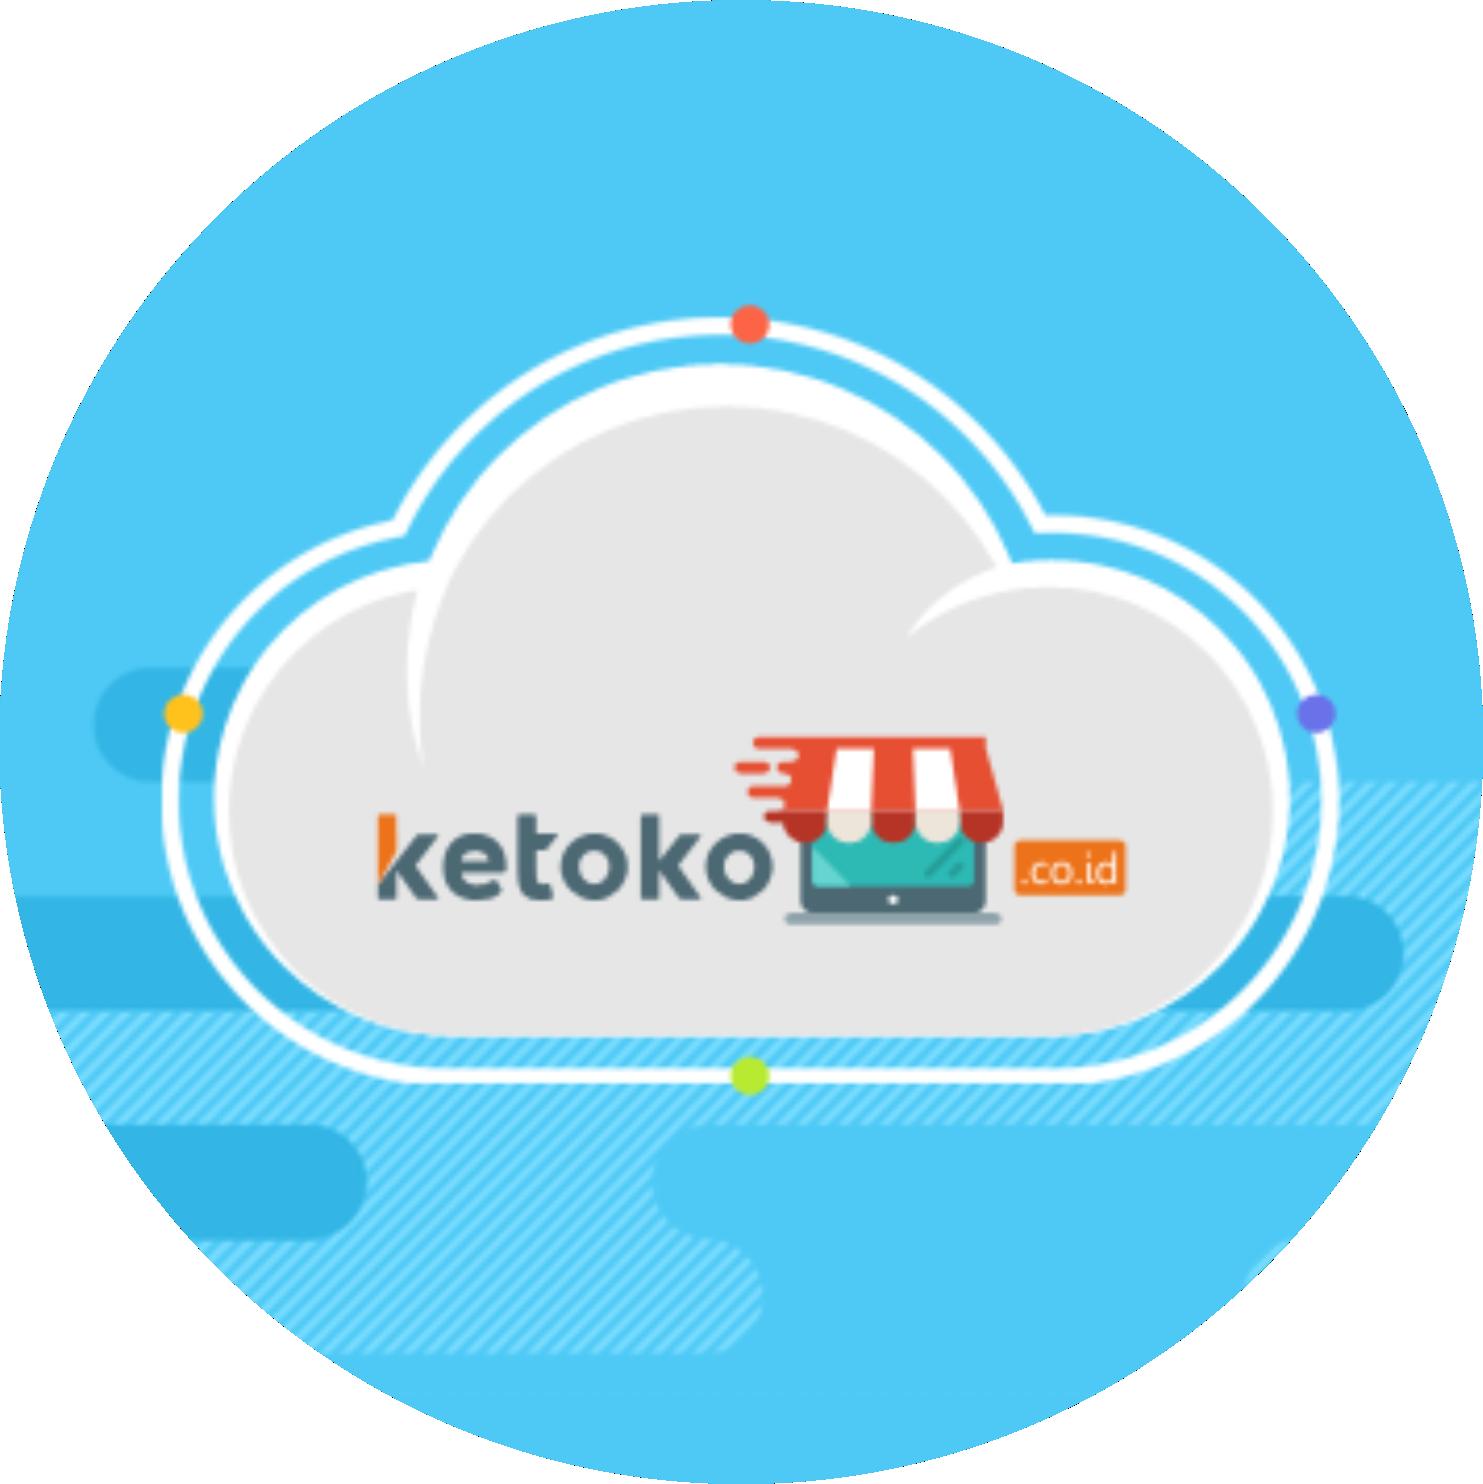 ketoko_02